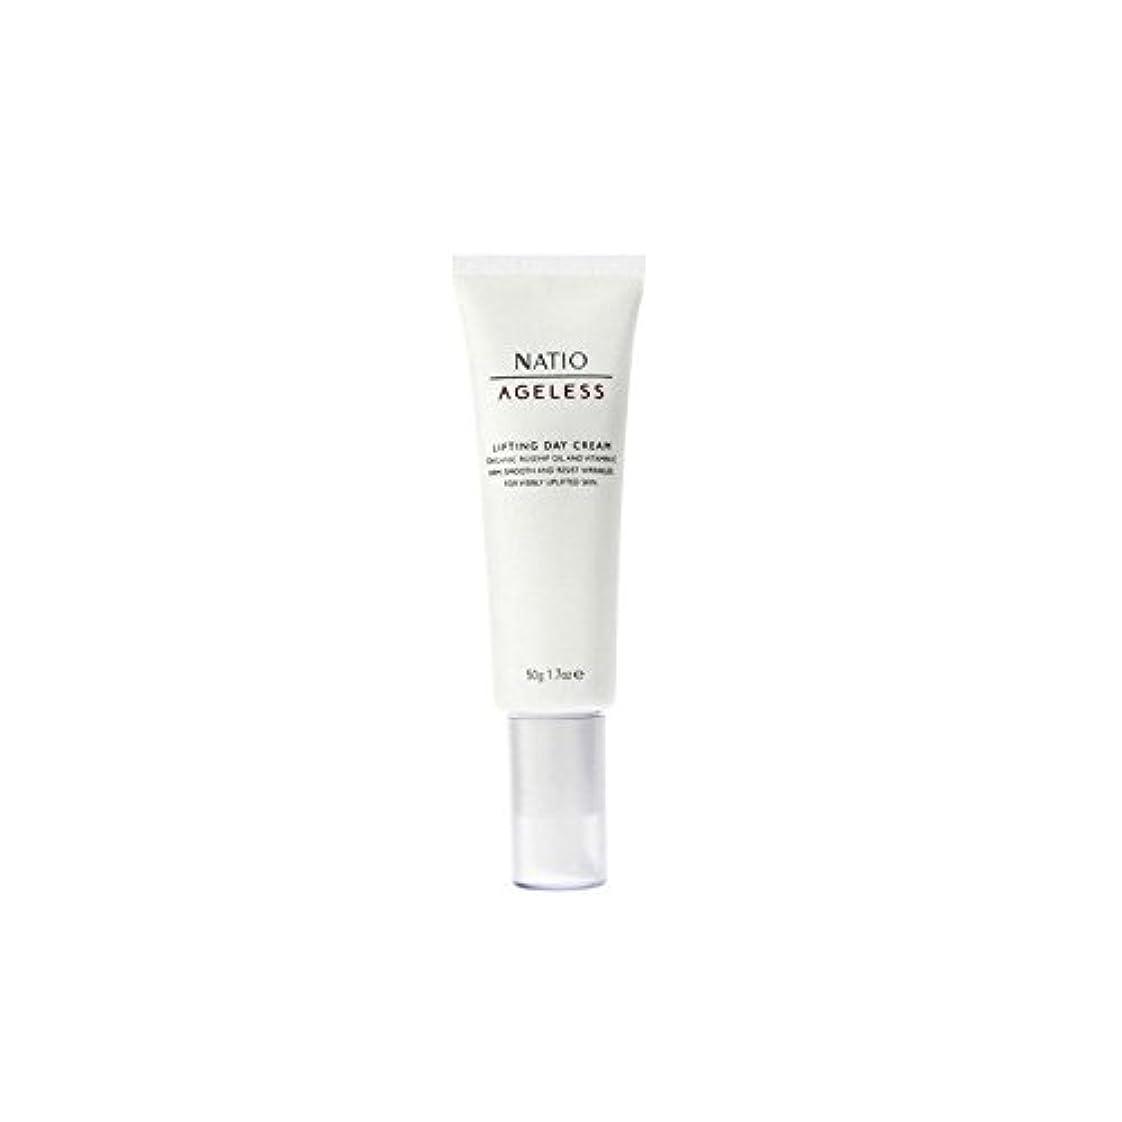 時系列はねかける履歴書Natio Ageless Lifting Day Cream (50G) (Pack of 6) - 永遠リフティングデイクリーム(50グラム) x6 [並行輸入品]